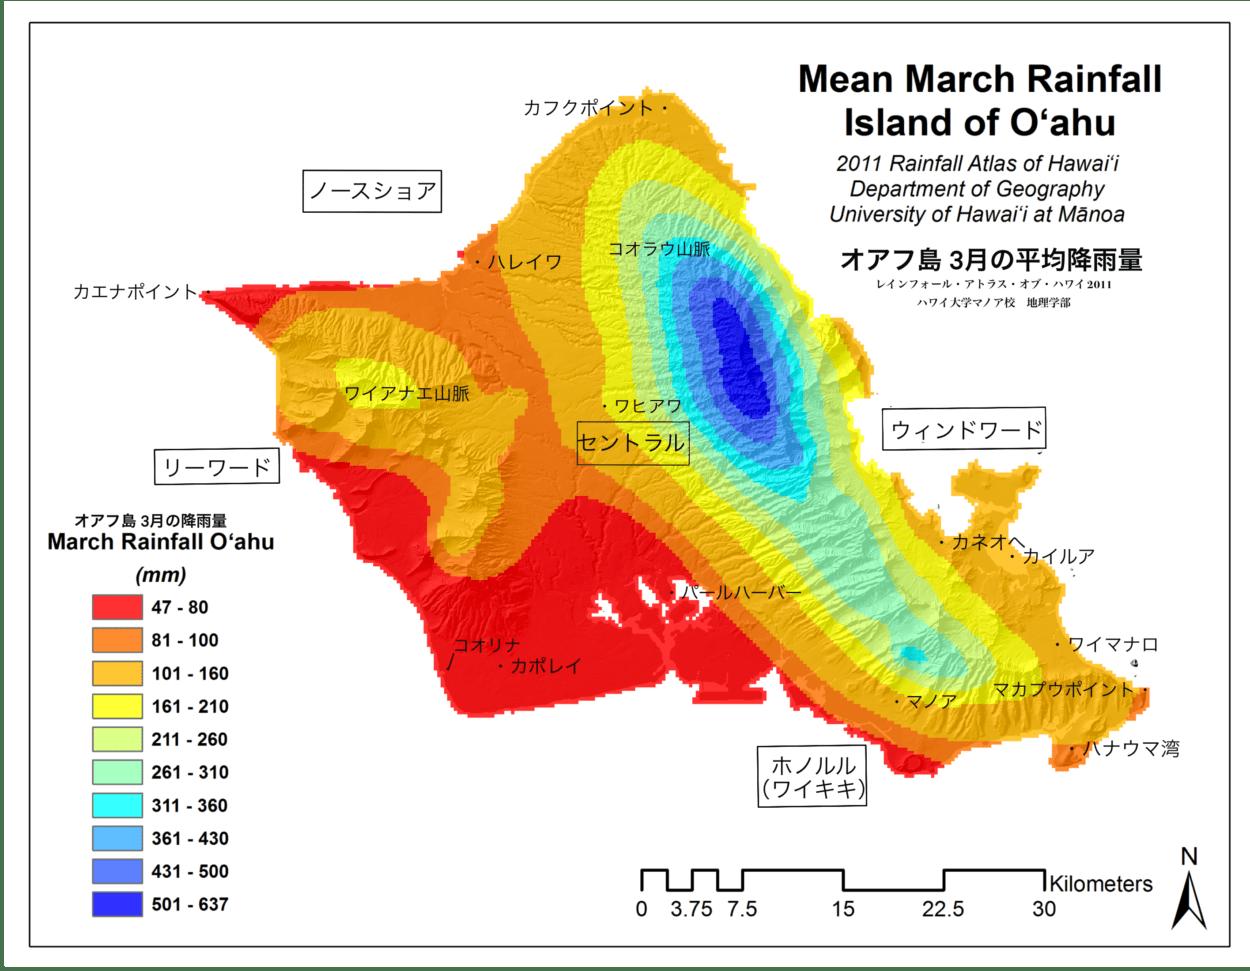 オアフ島 3月の平均降雨量